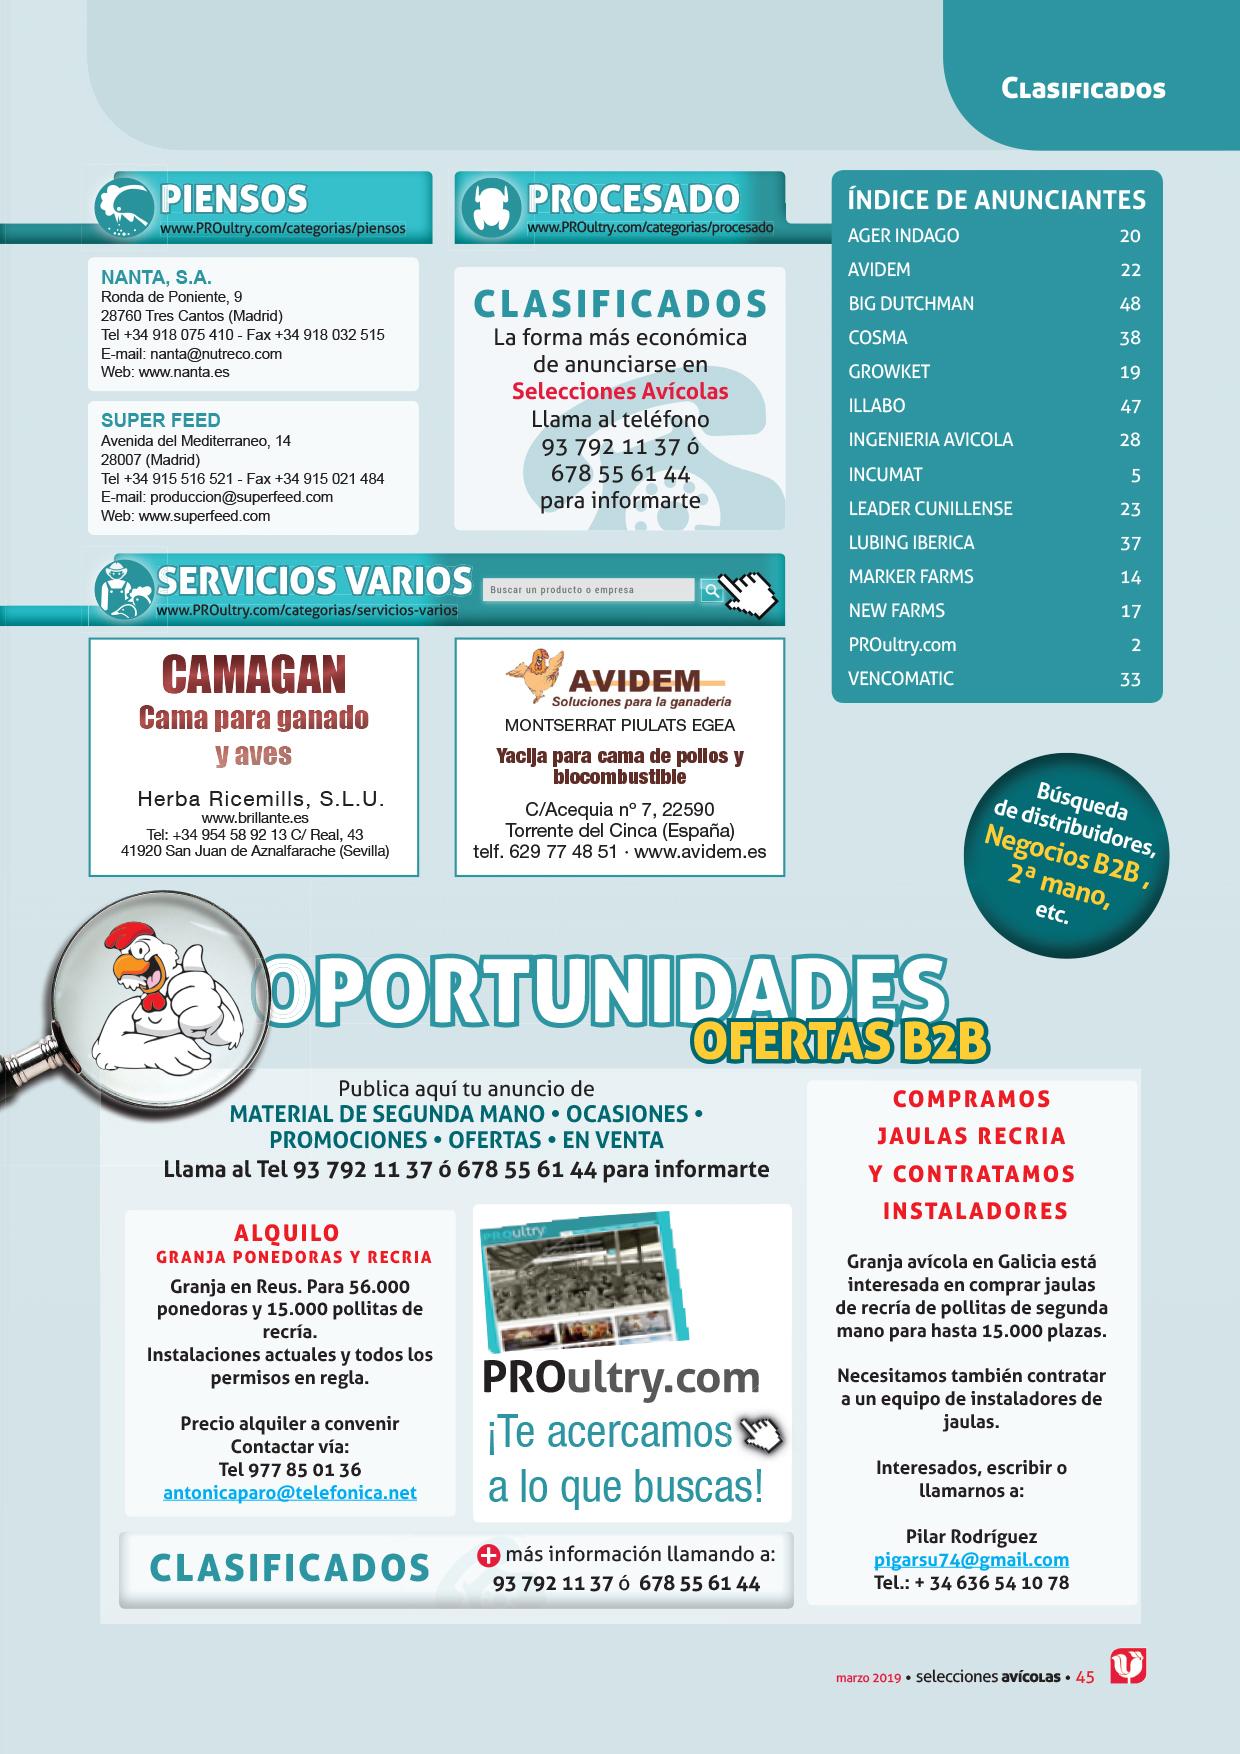 45_clasificados_SA201903.jpg